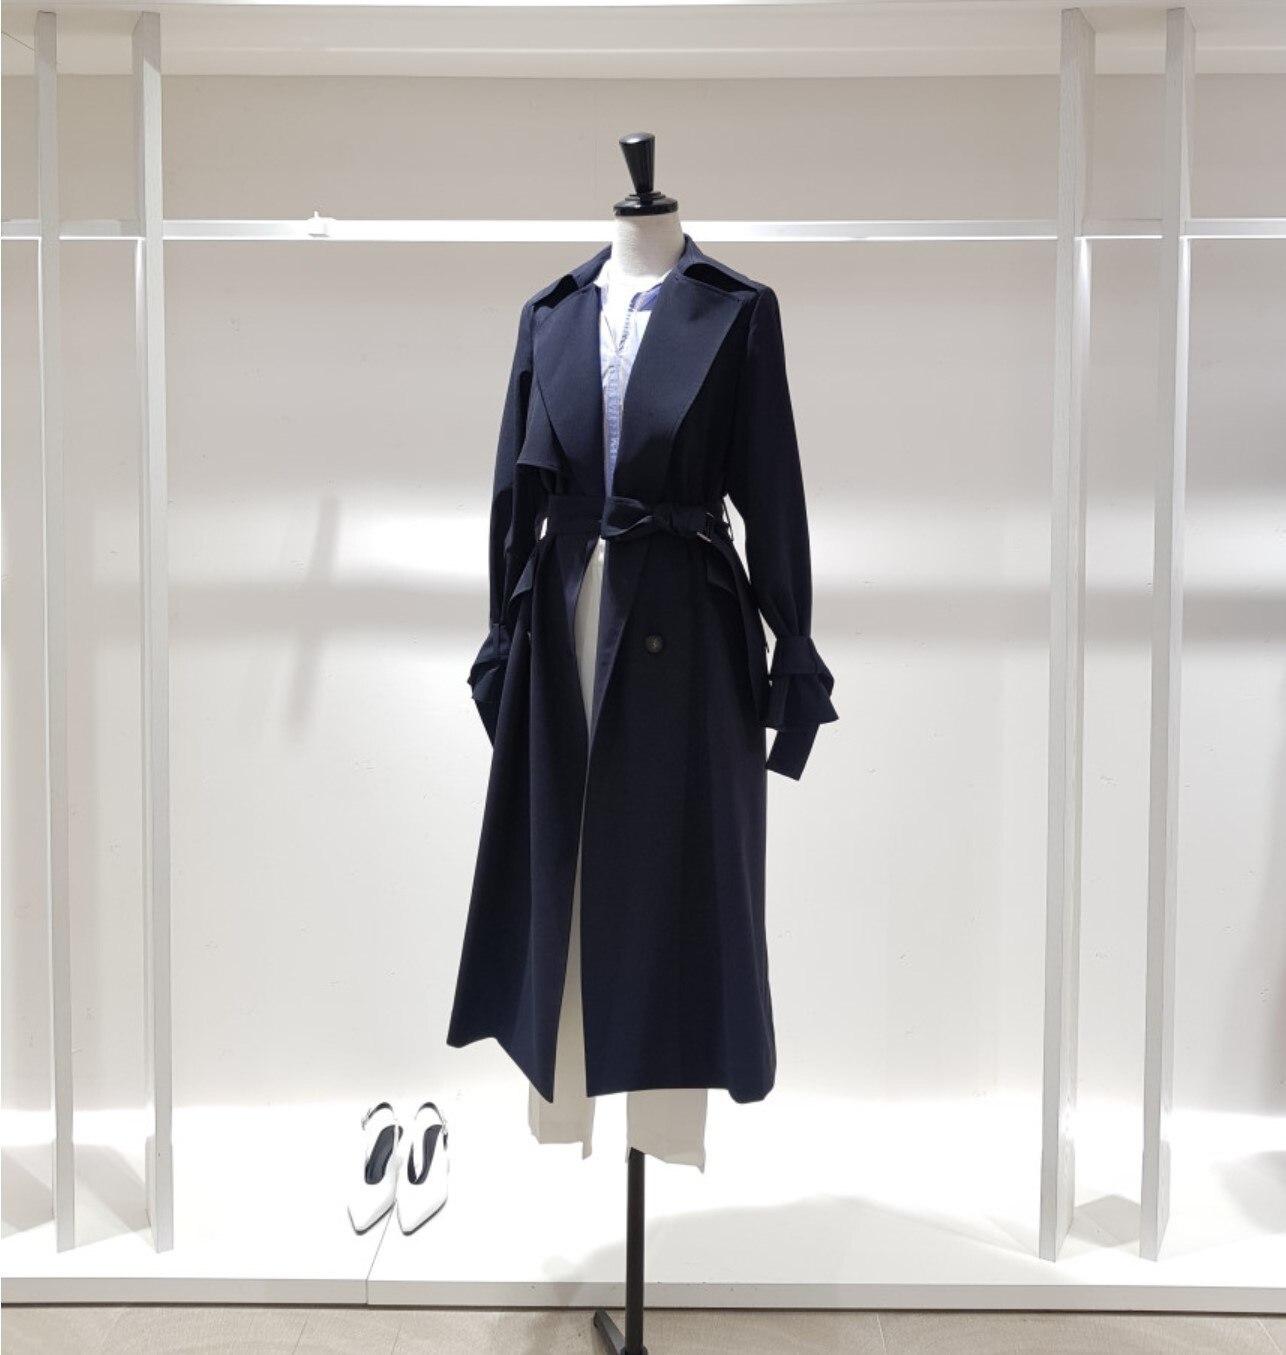 الراقية 2021 الخريف موضة جديدة الاتجاه فضفاض مزاجه شيك النسخة الكورية طويلة الخصر ضئيلة سترة واقية معطف المرأة